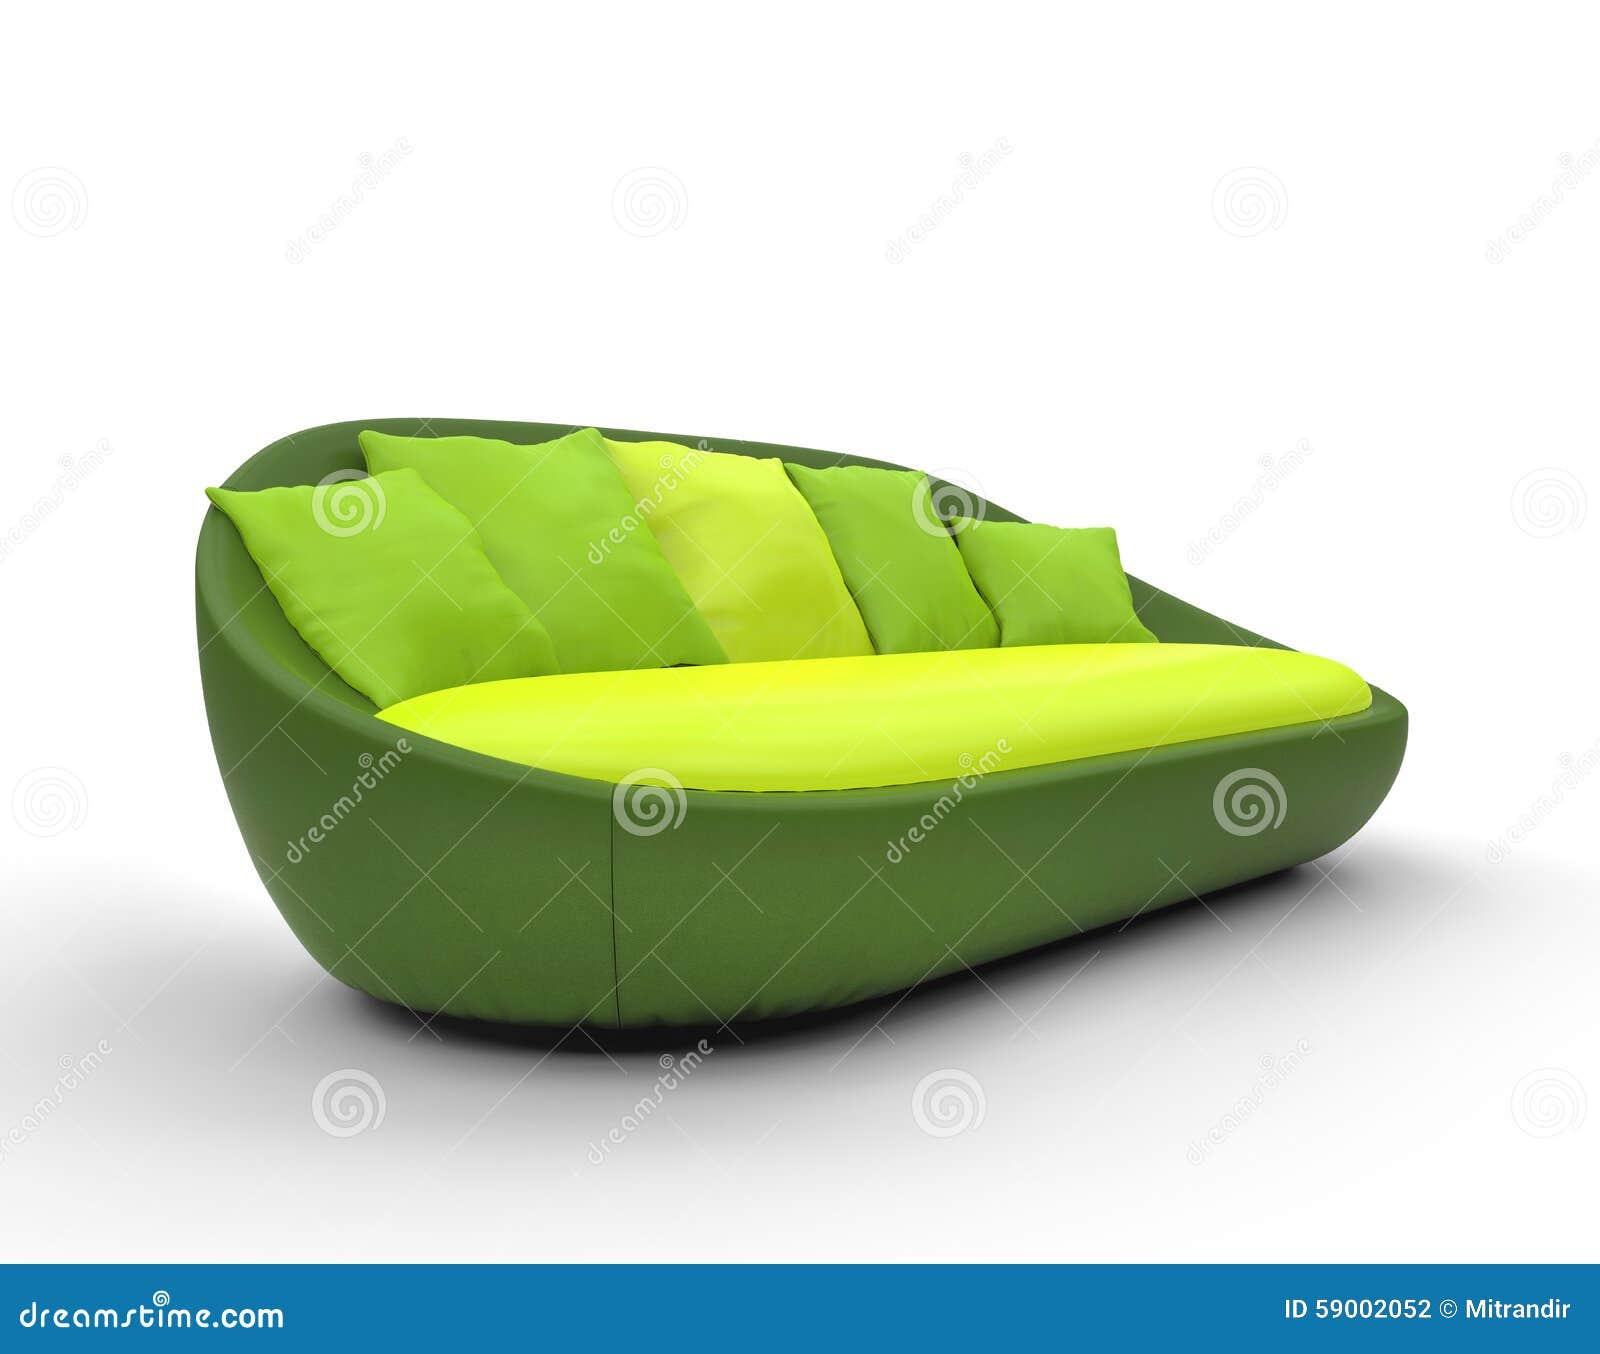 Grunes Rundes Sofa Stockfoto Bild Von Lehnsessel Dekoration 59002052